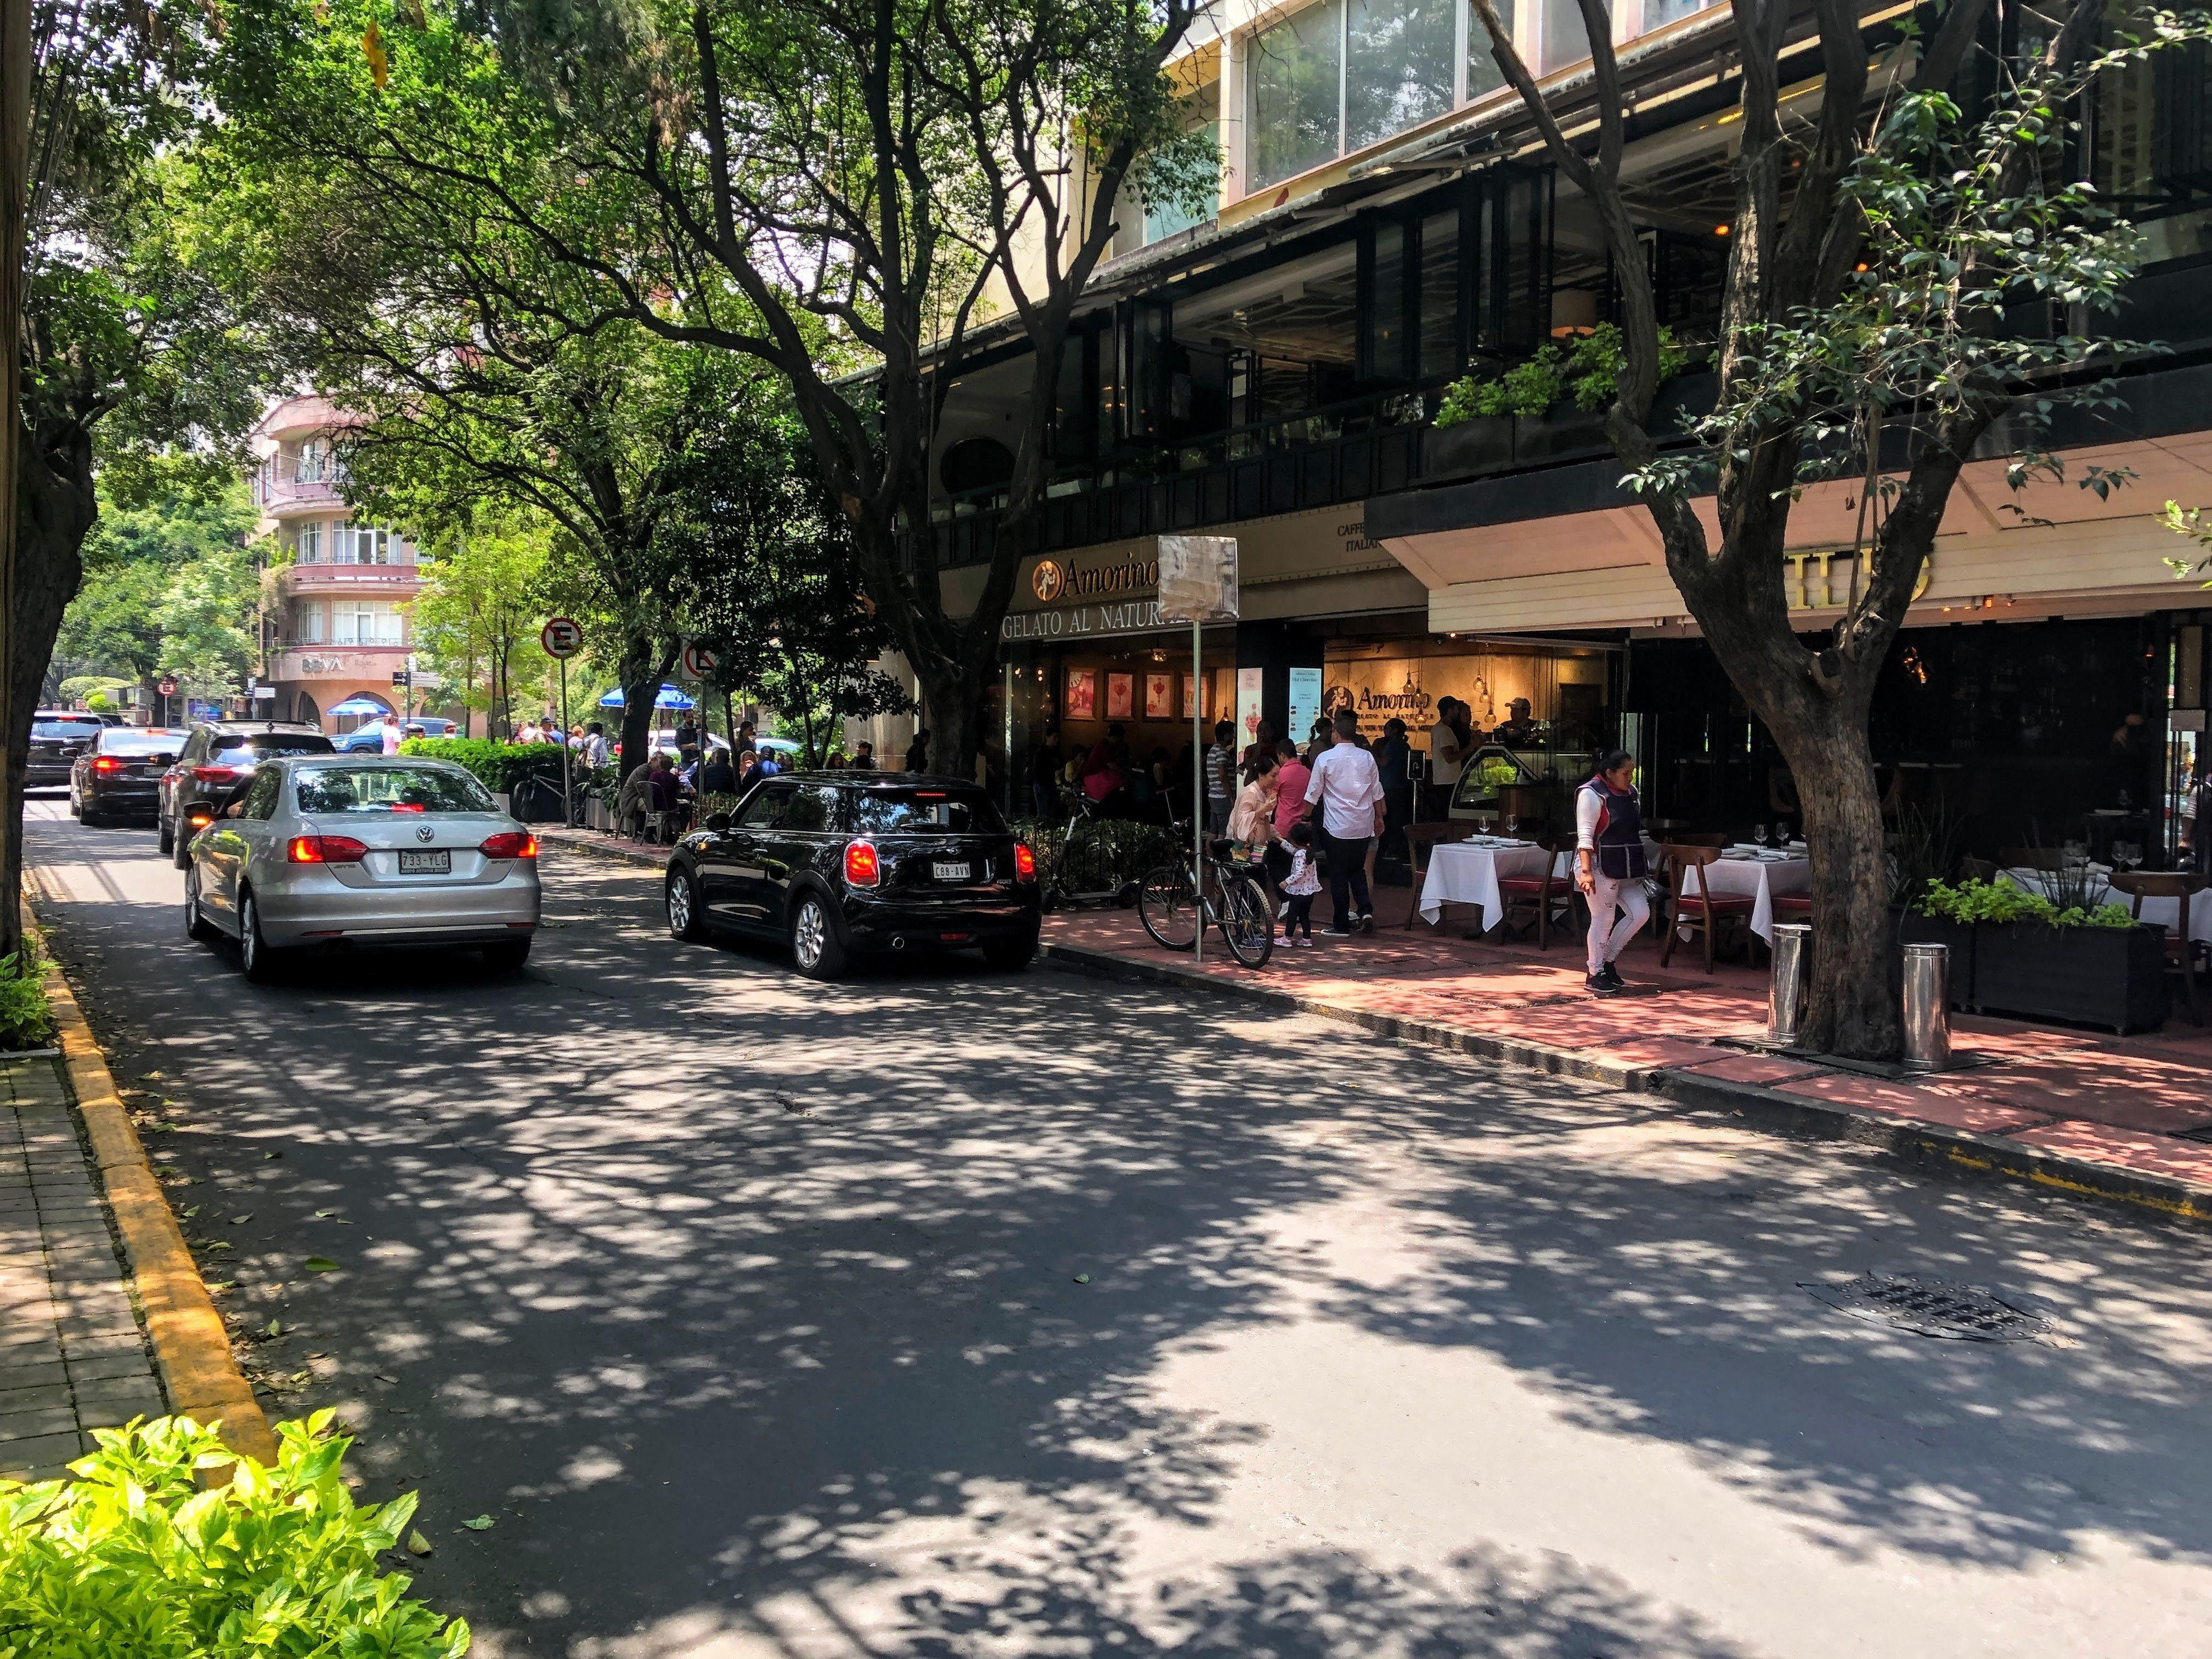 downtown Polanco